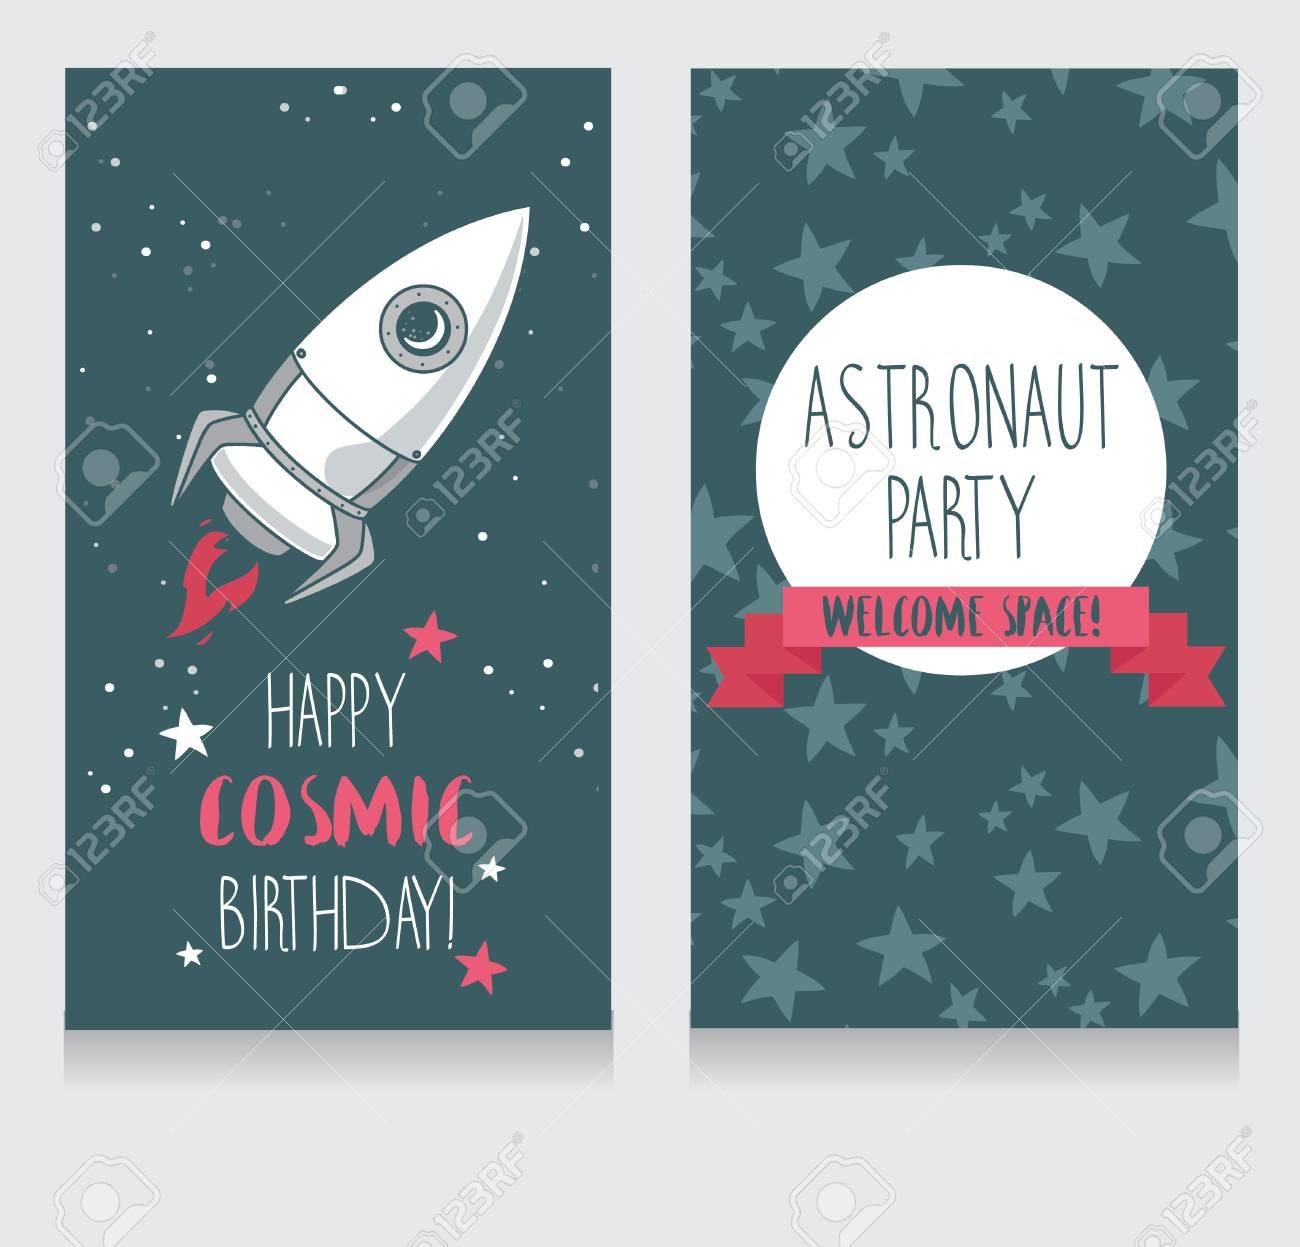 Dibujado A Mano Lindo Estrellas De Cohete De Fondo Tarjetas De Invitación Divertidas Para La Fiesta De Cumpleaños Del Niño Ilustración Vectorial